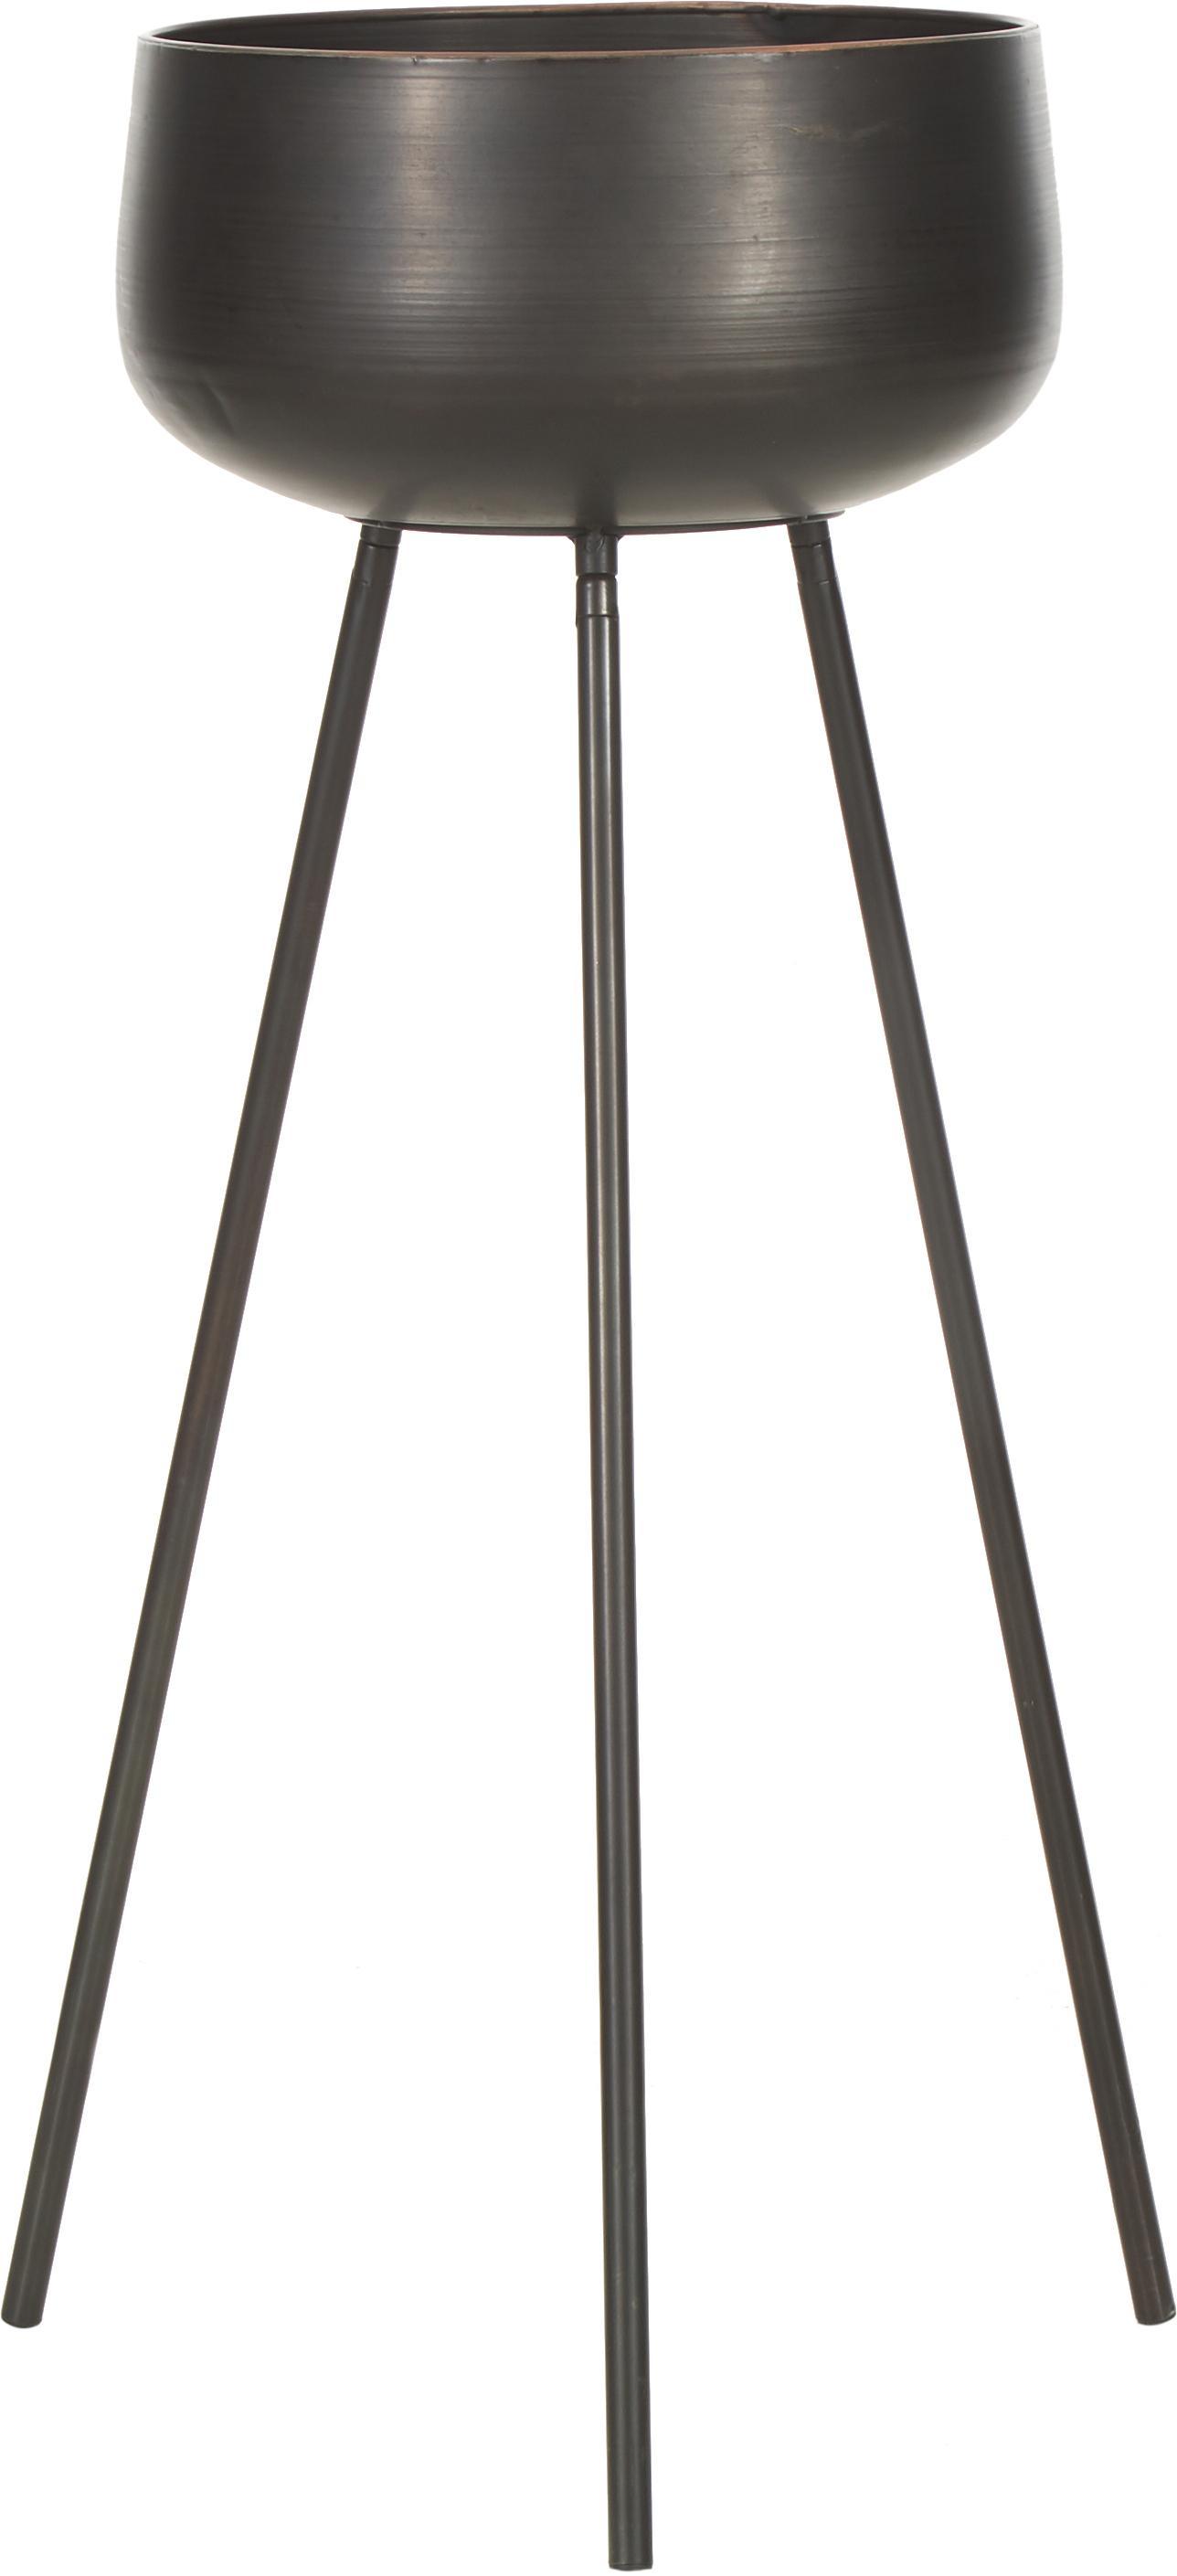 Komplet osłonek na doniczkę Chimp, 2 elem., Metal powlekany, Czarny, Różne rozmiary